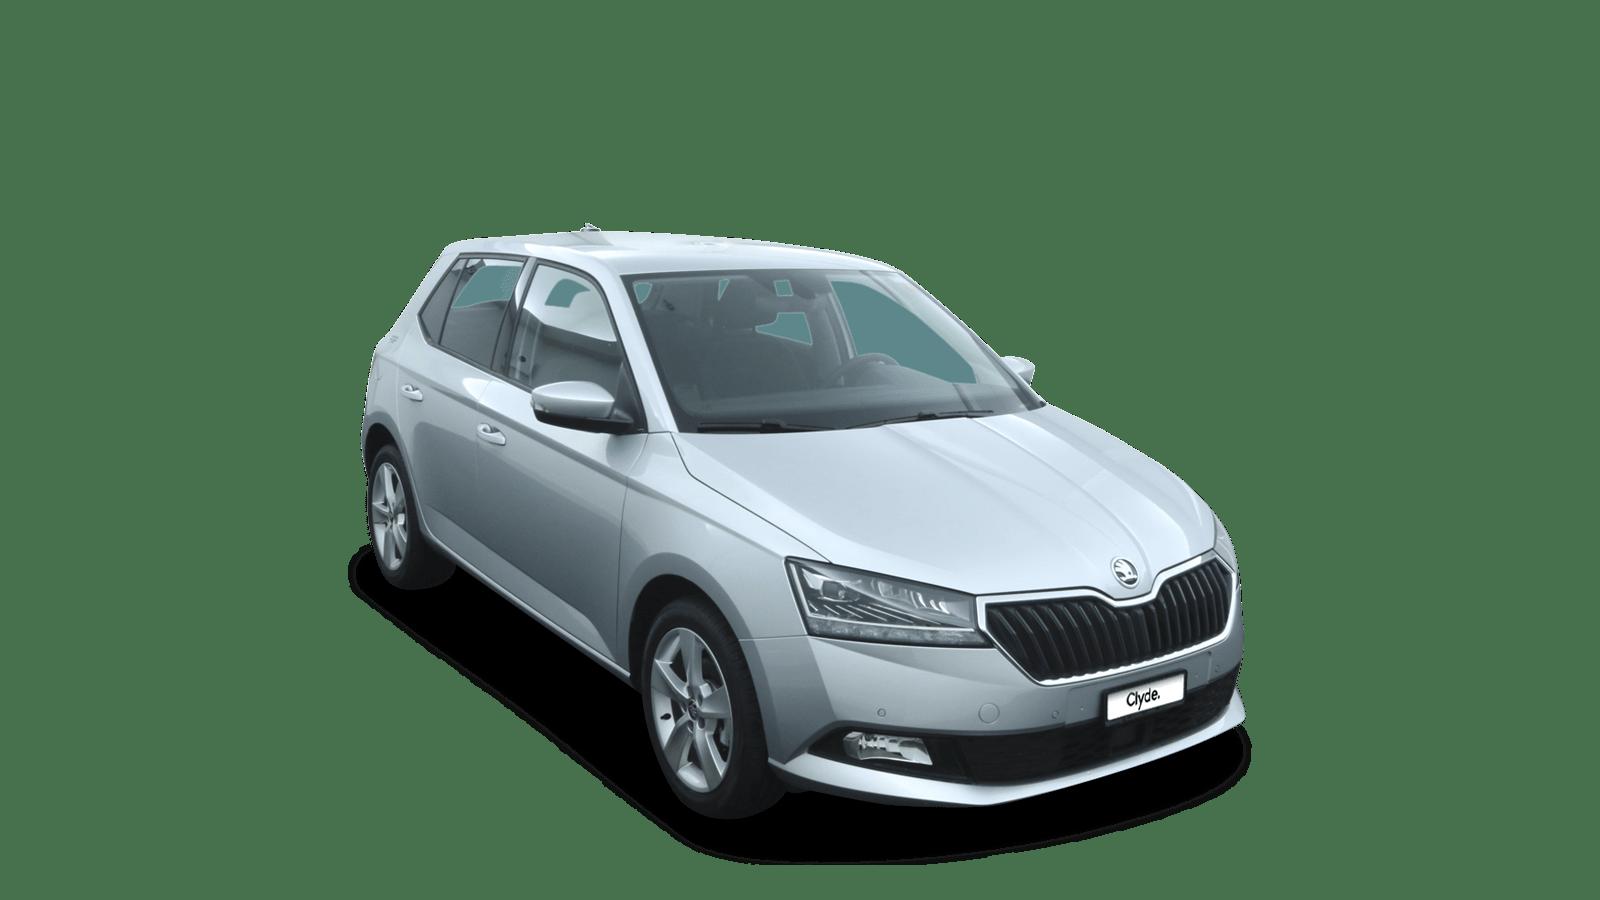 ŠKODA Fabia Silver front - Clyde car subscription